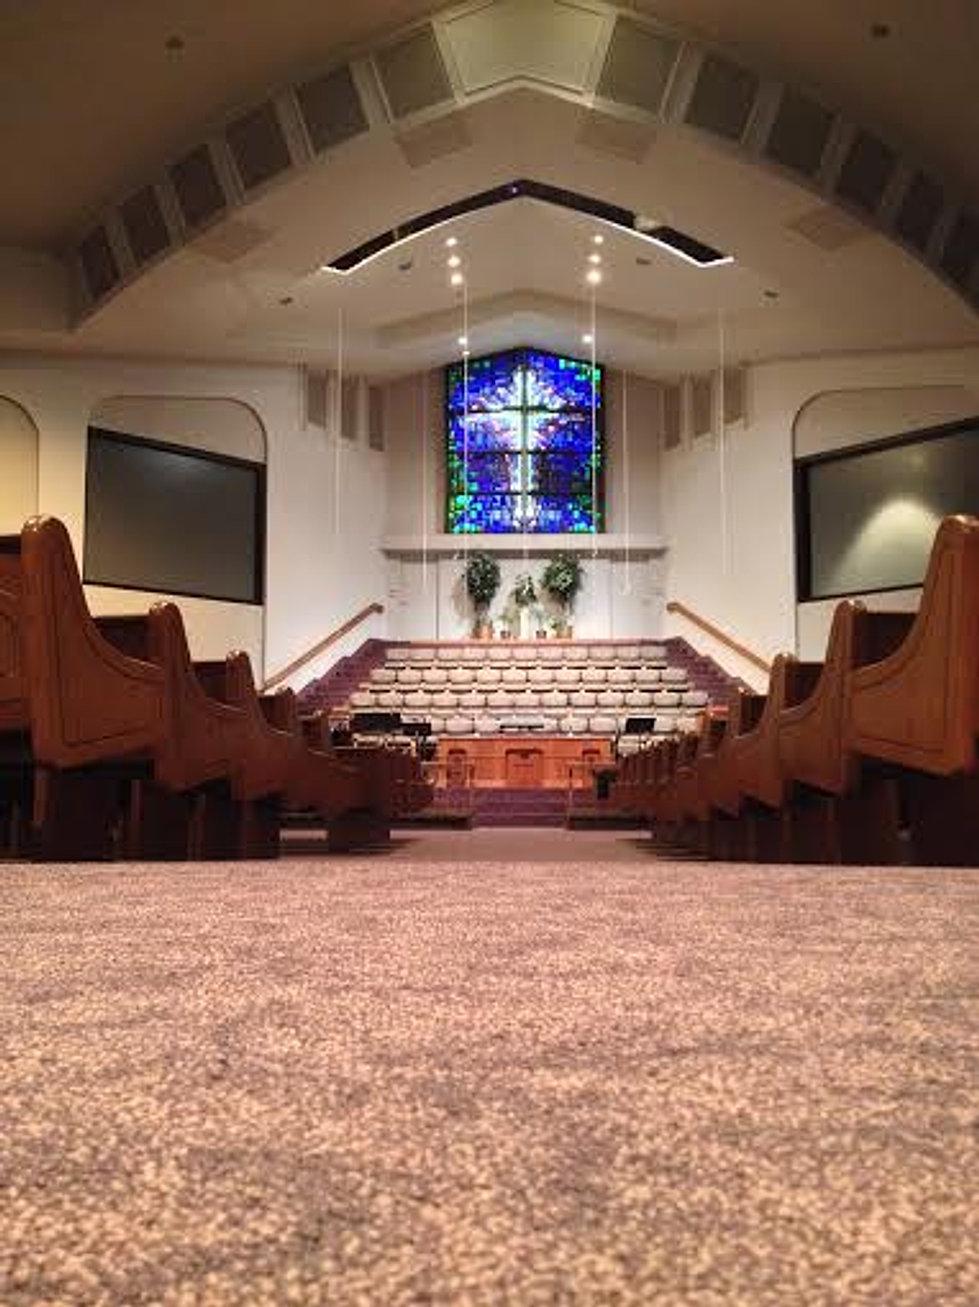 Focus singles ministry in bedford tx